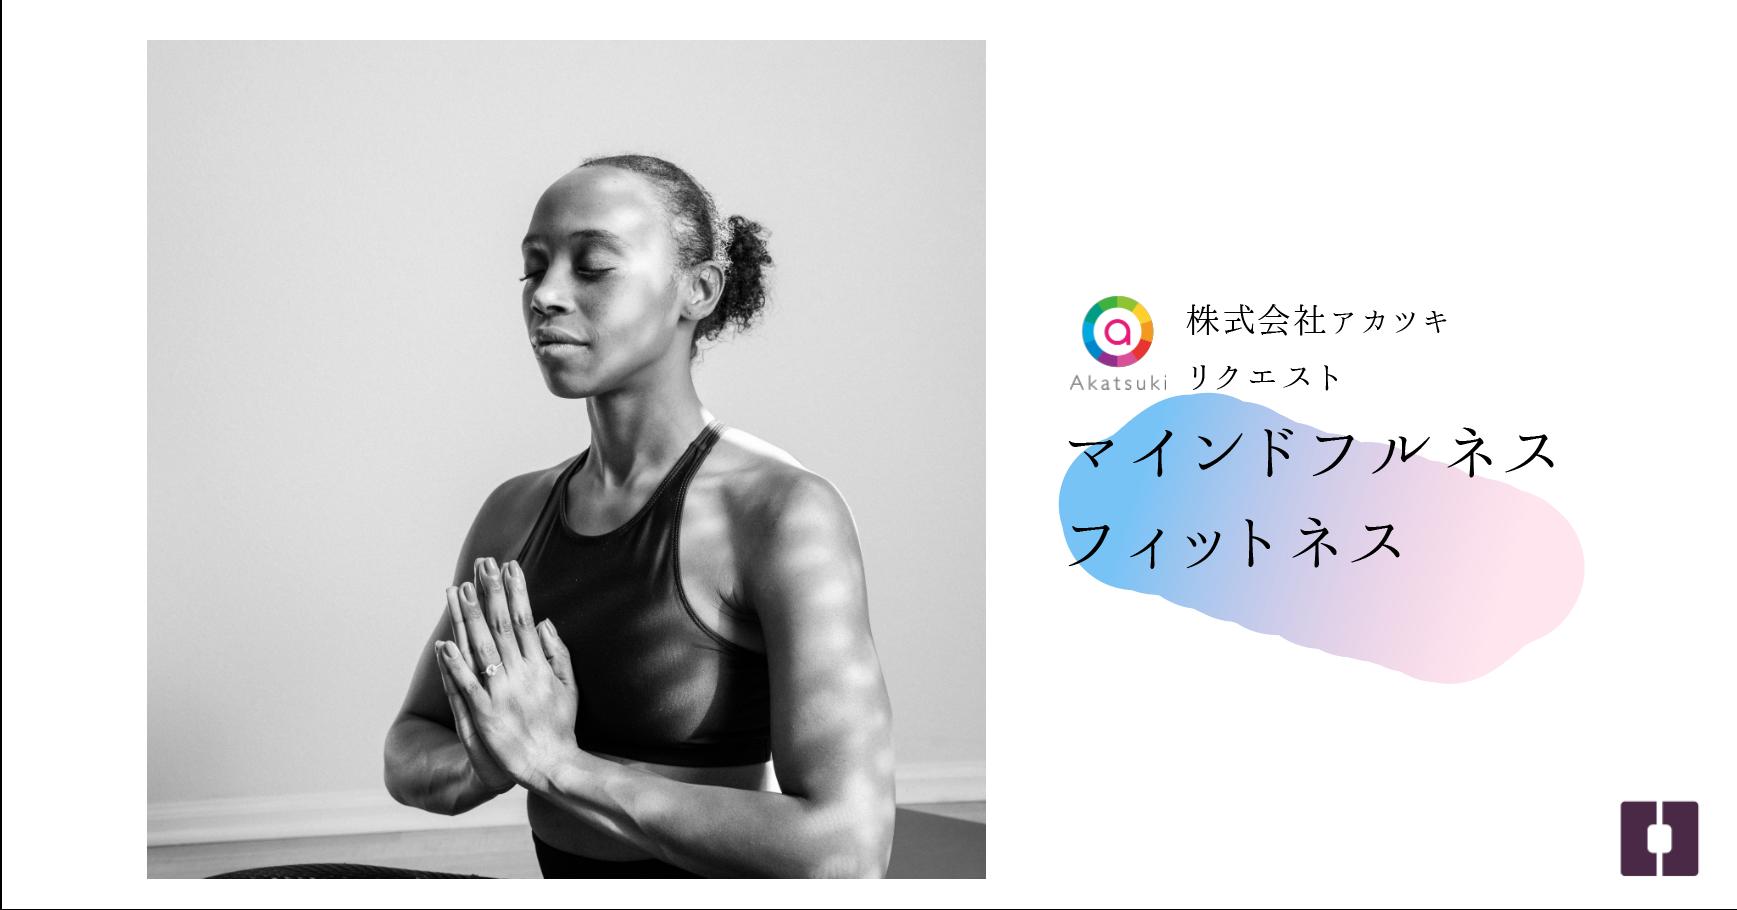 【第一弾】【アカツキリクエスト】フィットネス・マインドフルネスレポート